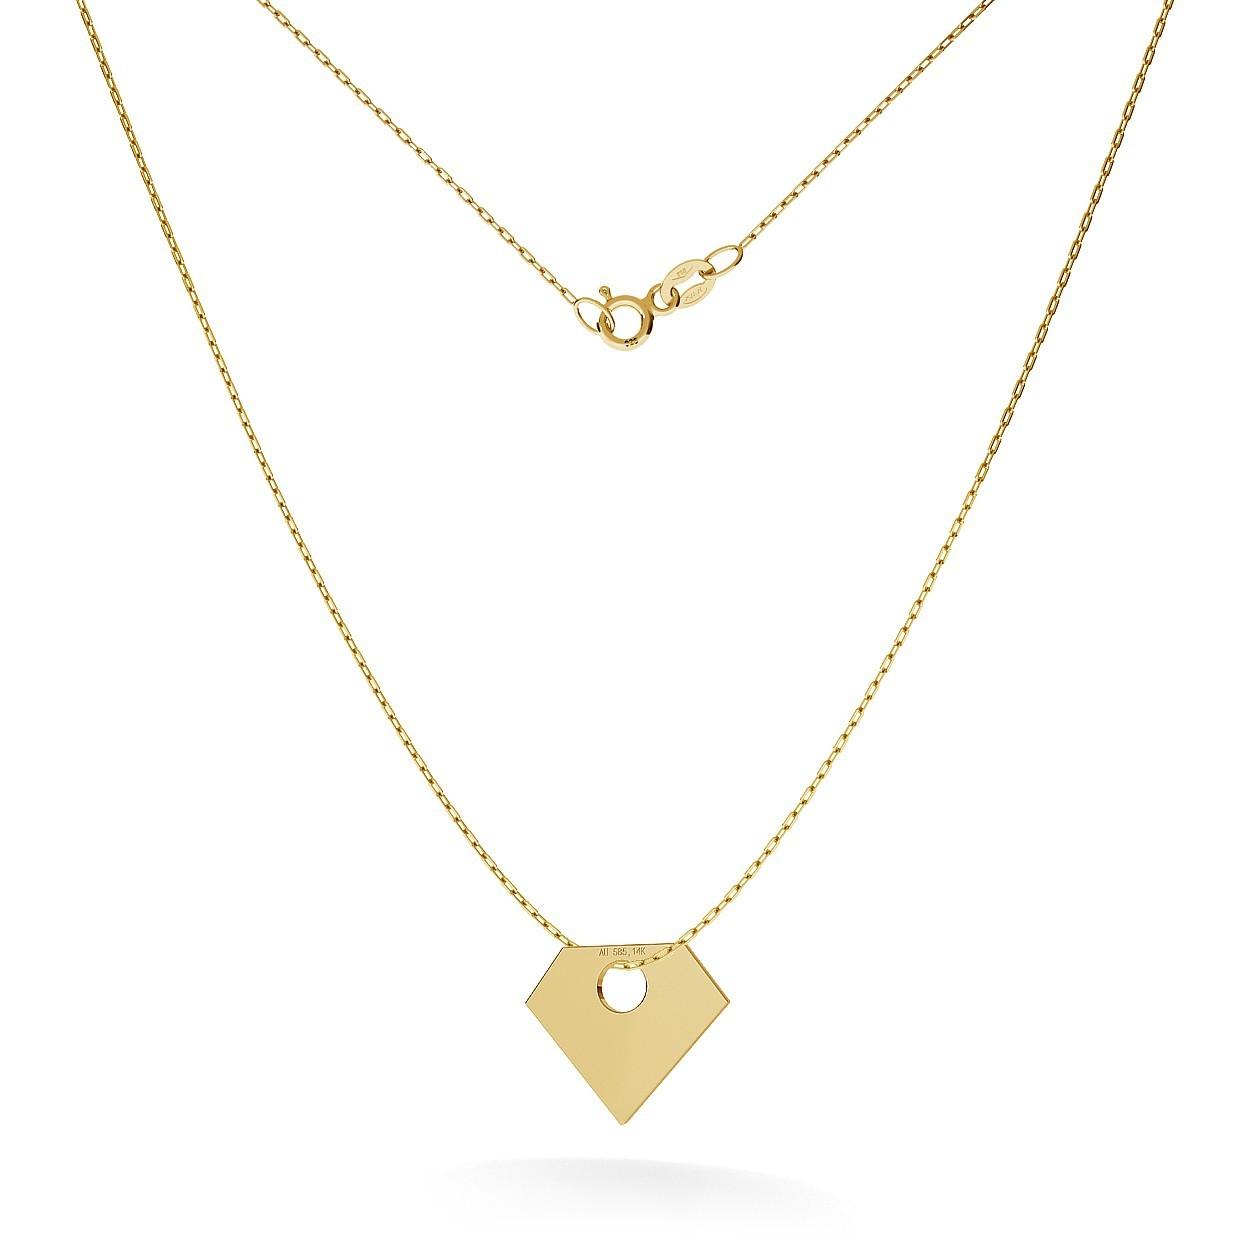 GOLD DIAMOND NECKLACE 14K, MODEL 13